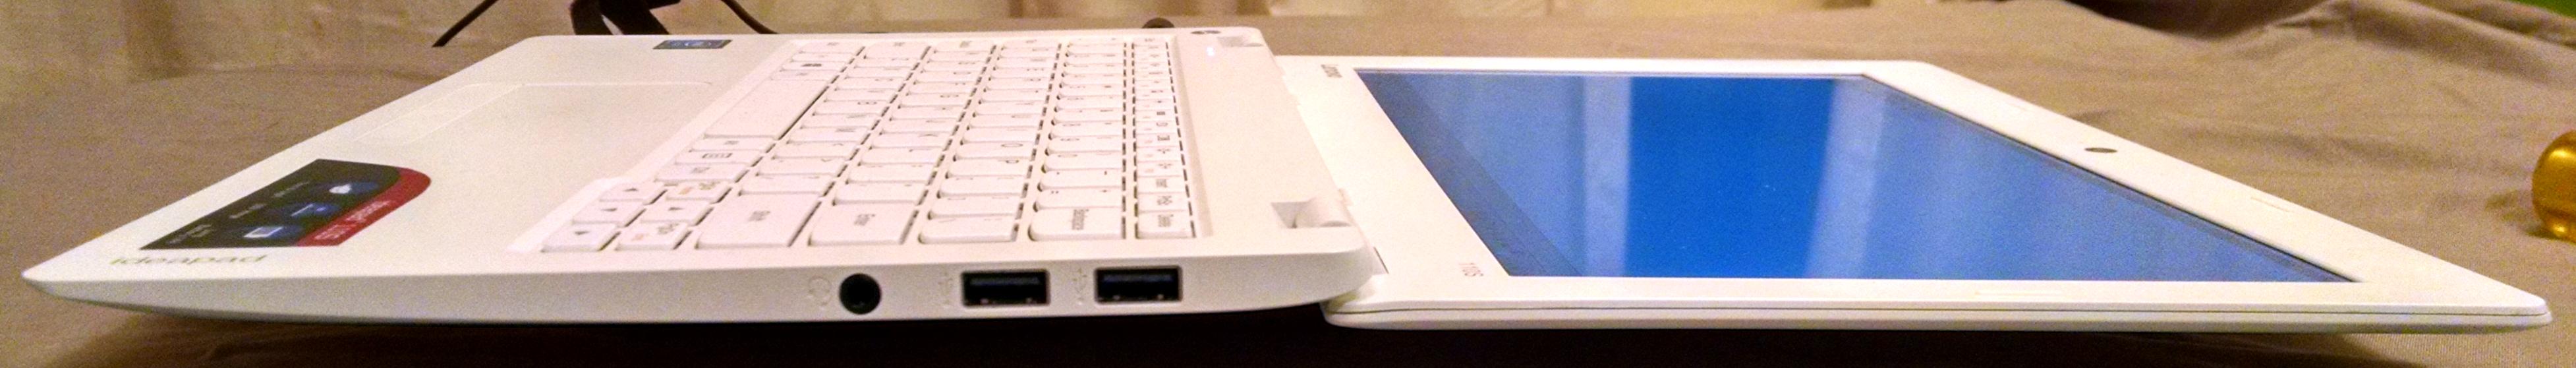 Lenovo ideapad 110S 180